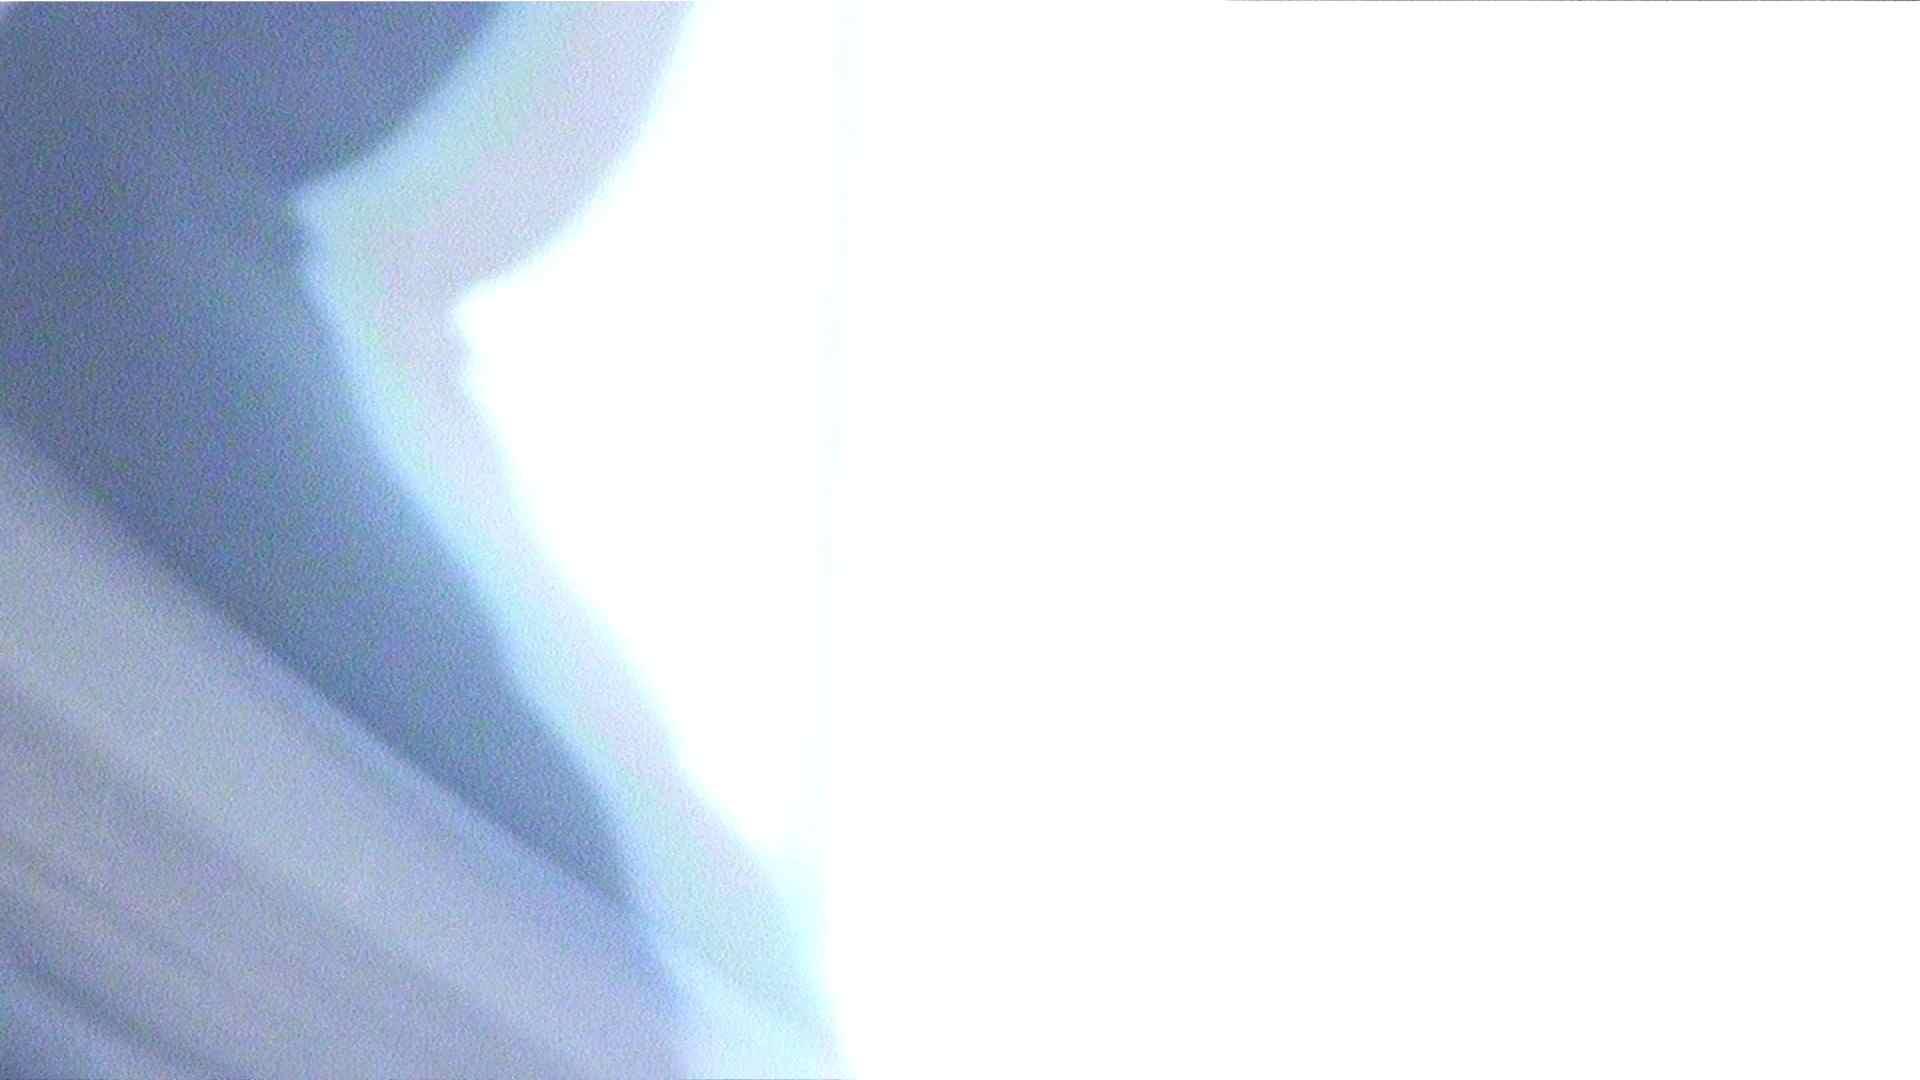 ※100個限定販売 至高下半身盗撮 プレミアム Vol.36 ハイビジョン 丸見え 濡れ場動画紹介 105枚 17